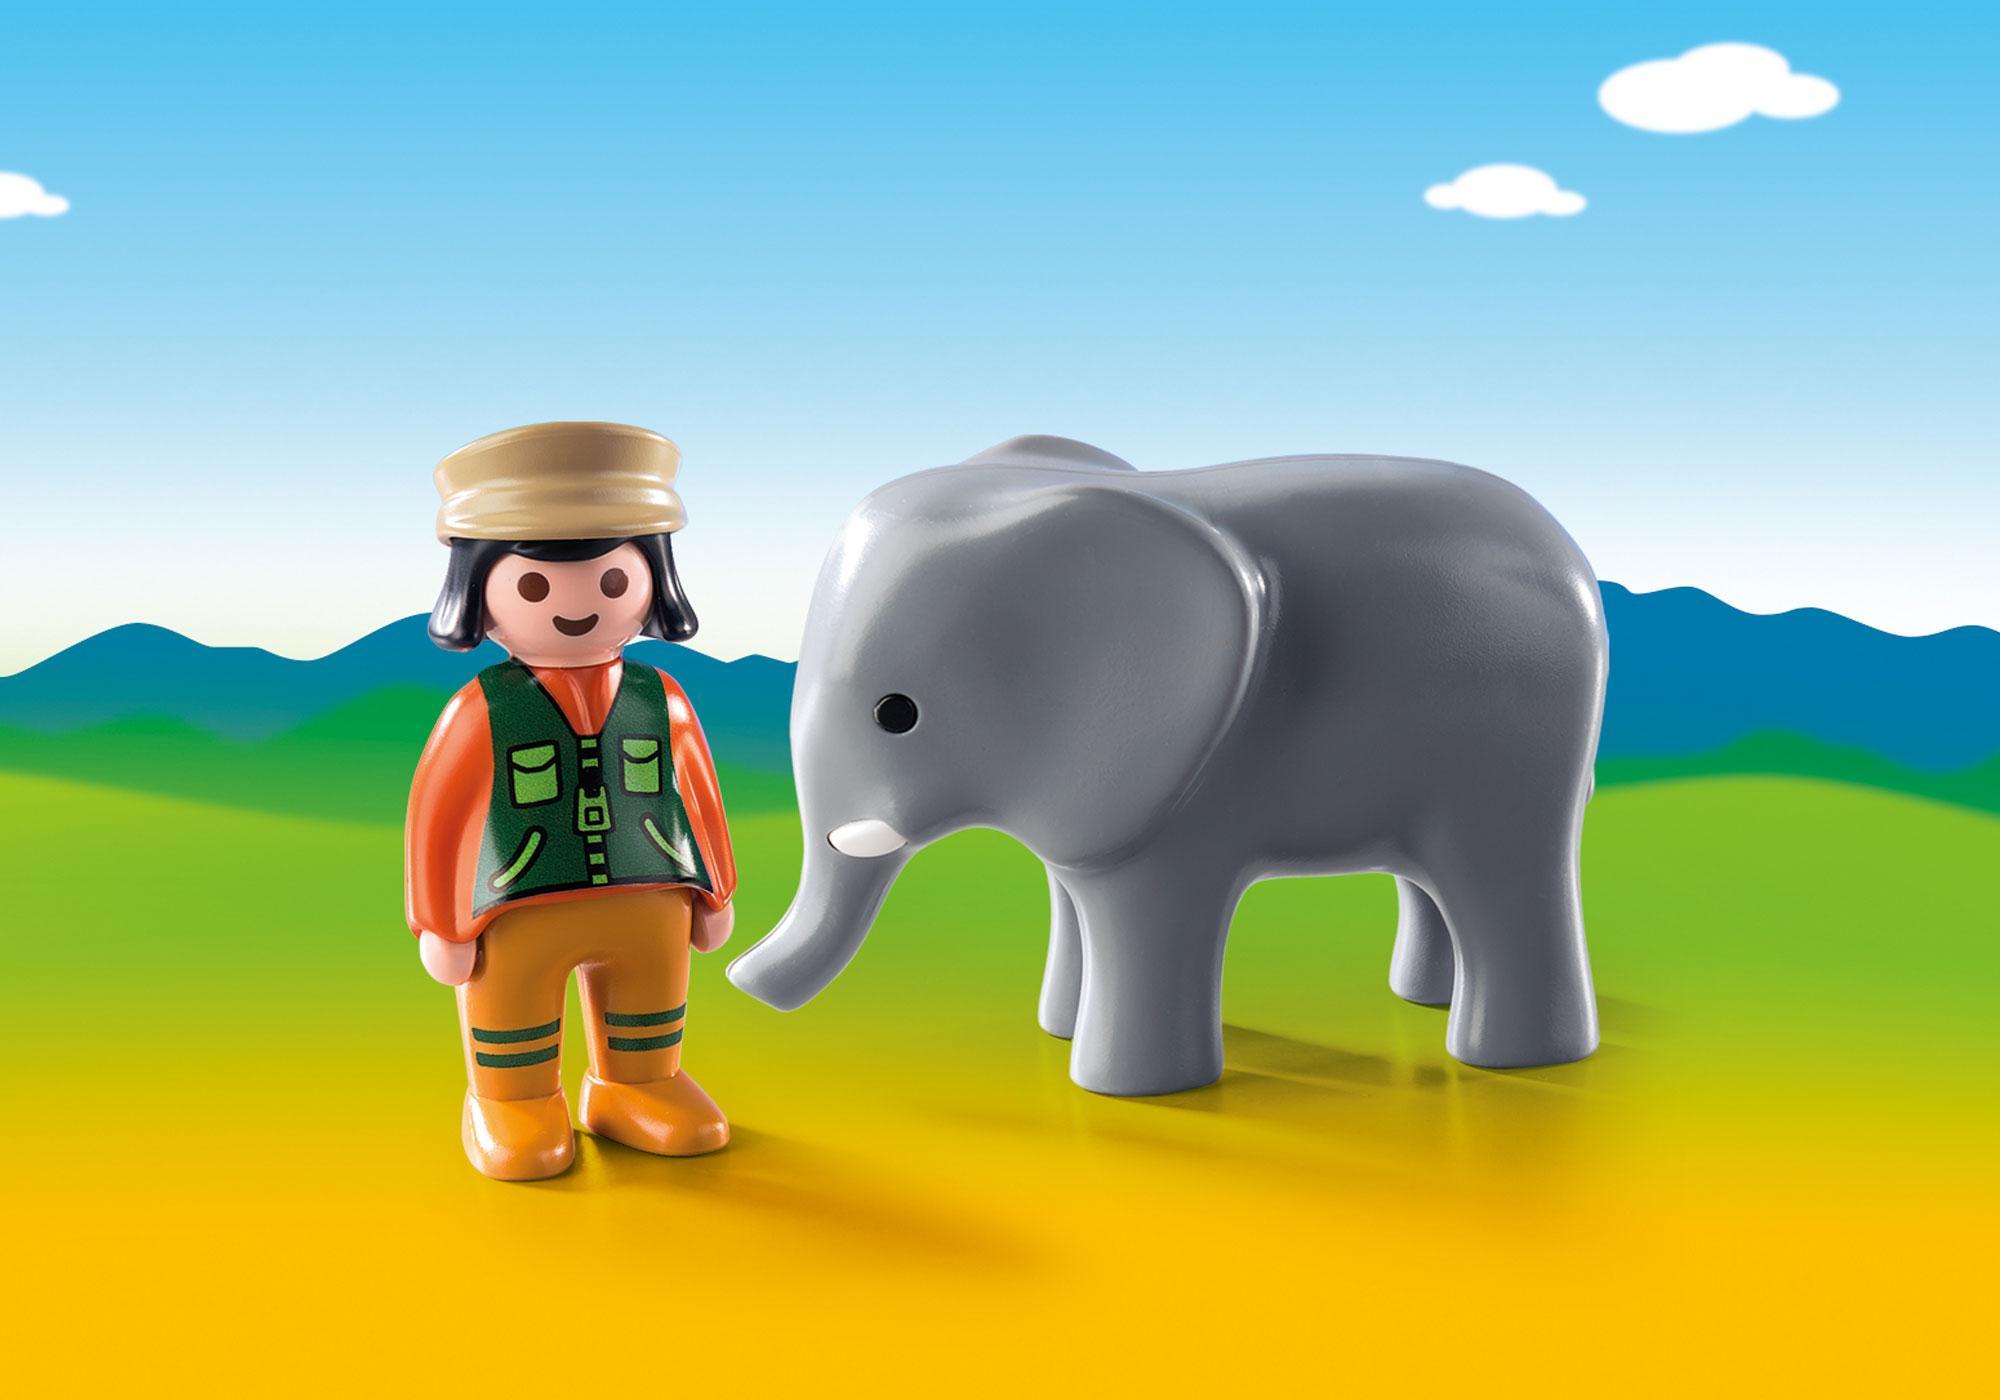 9381_product_detail/1.2.3 Tratadora com Elefante